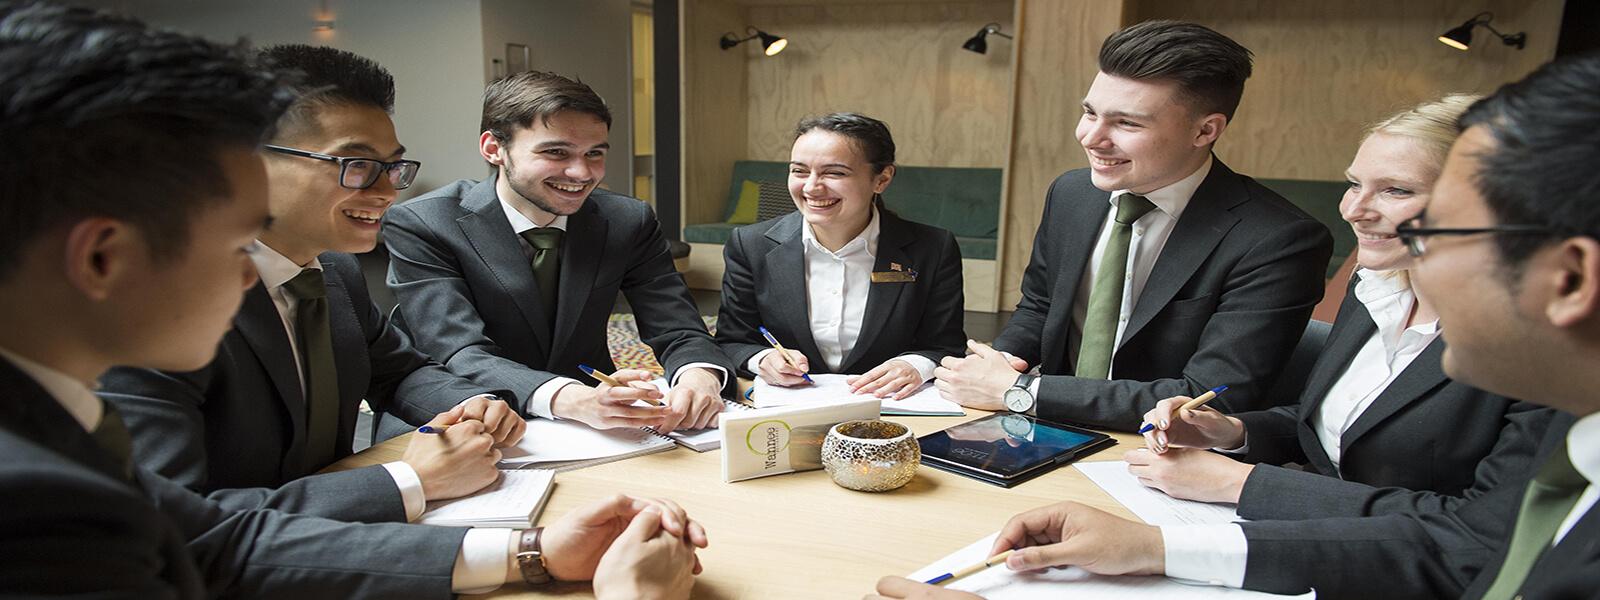 bachelor-international hospitality management -studyinholland-universitiesofappliedsciences-stenden-holland-leeuwarden